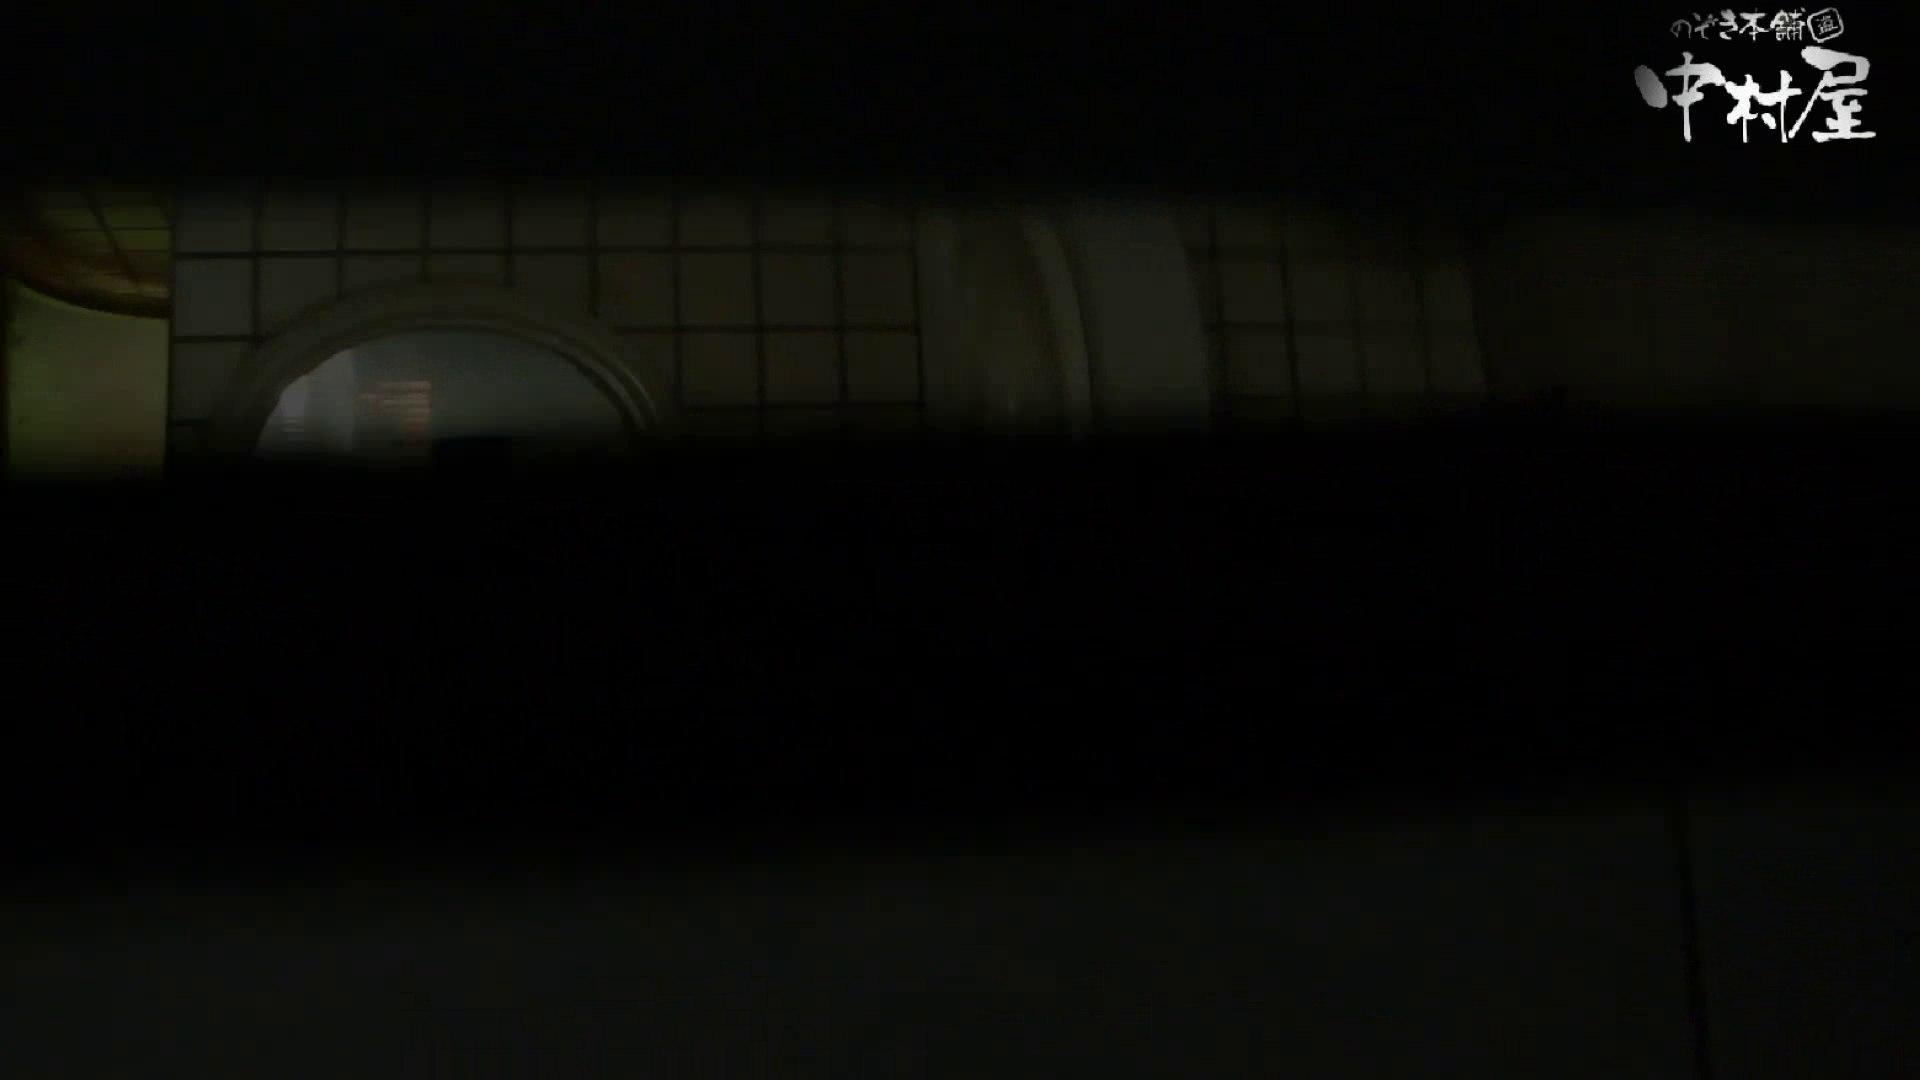 【美人が集まるファッションショッピングセンター洗面所盗SATU】ギャルのツルピカ潜入盗satu!Vol.10 高画質 | 潜入突撃  106pic 41